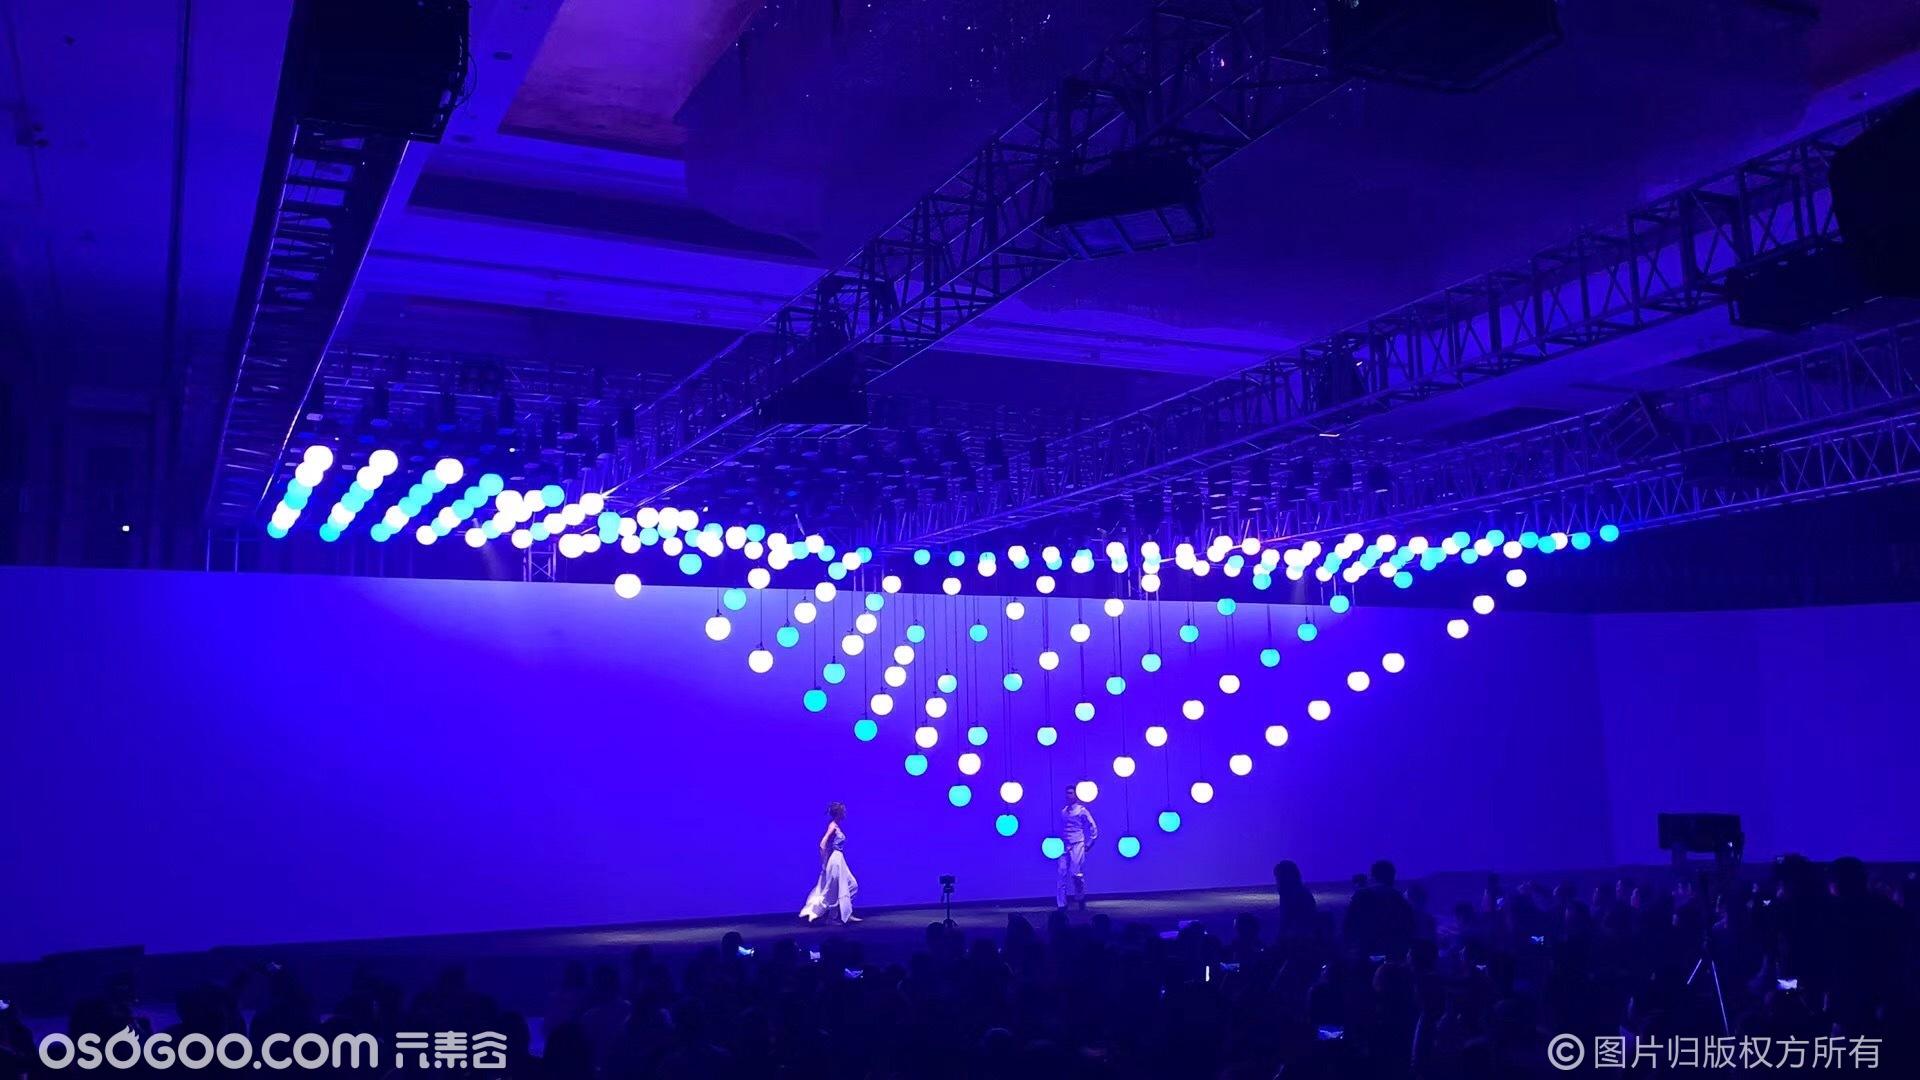 数控矩阵球方阵,LED发光球启动,数控球互动舞蹈